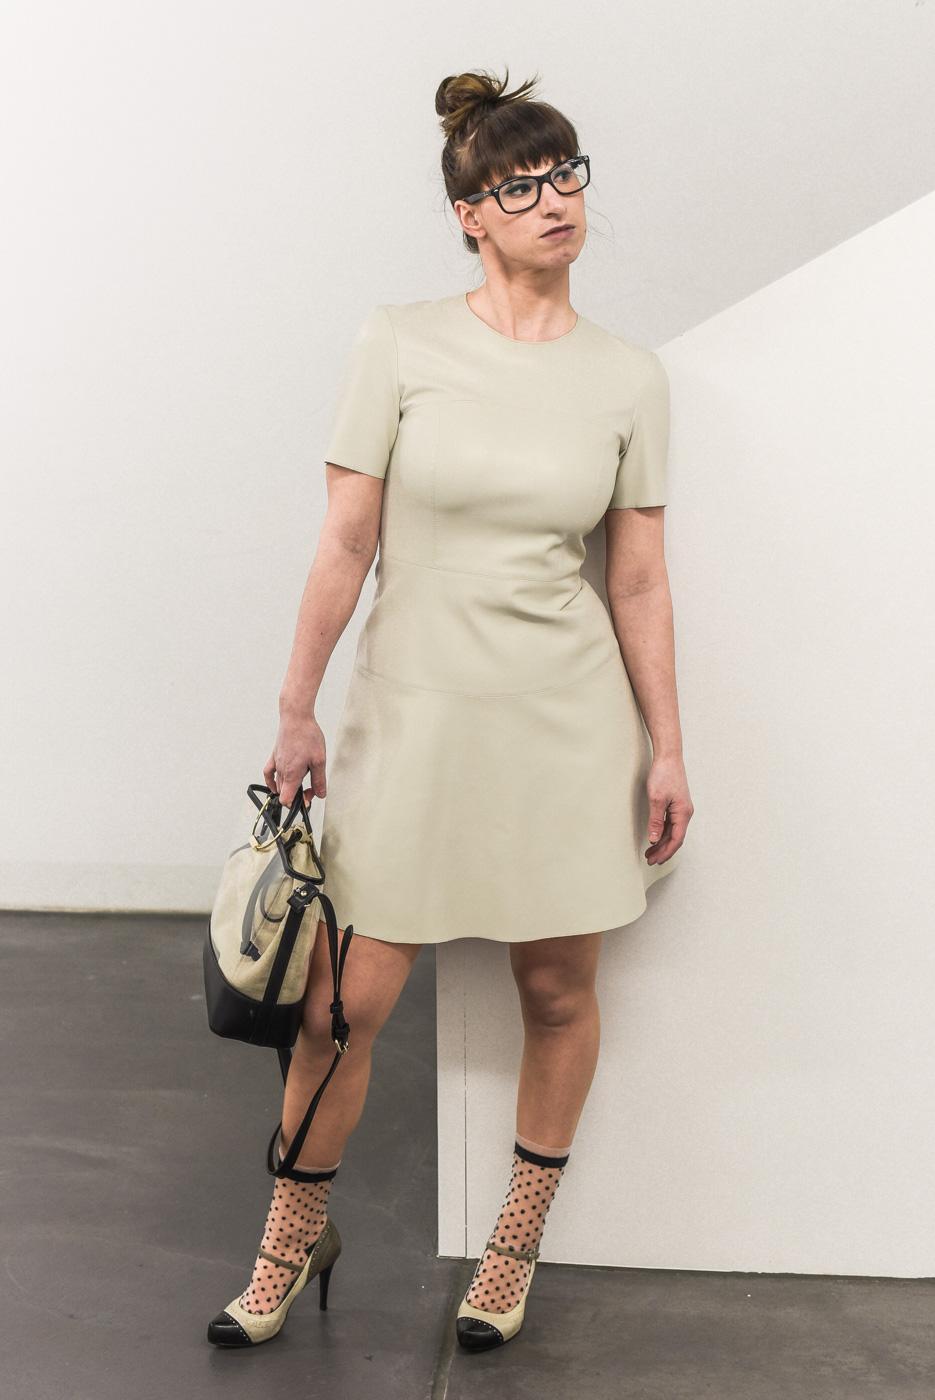 Stil: Lederkleid von Zara, Vinyltasche von Zara, Mary Jane High heels von Guess, Socken von ONYGO